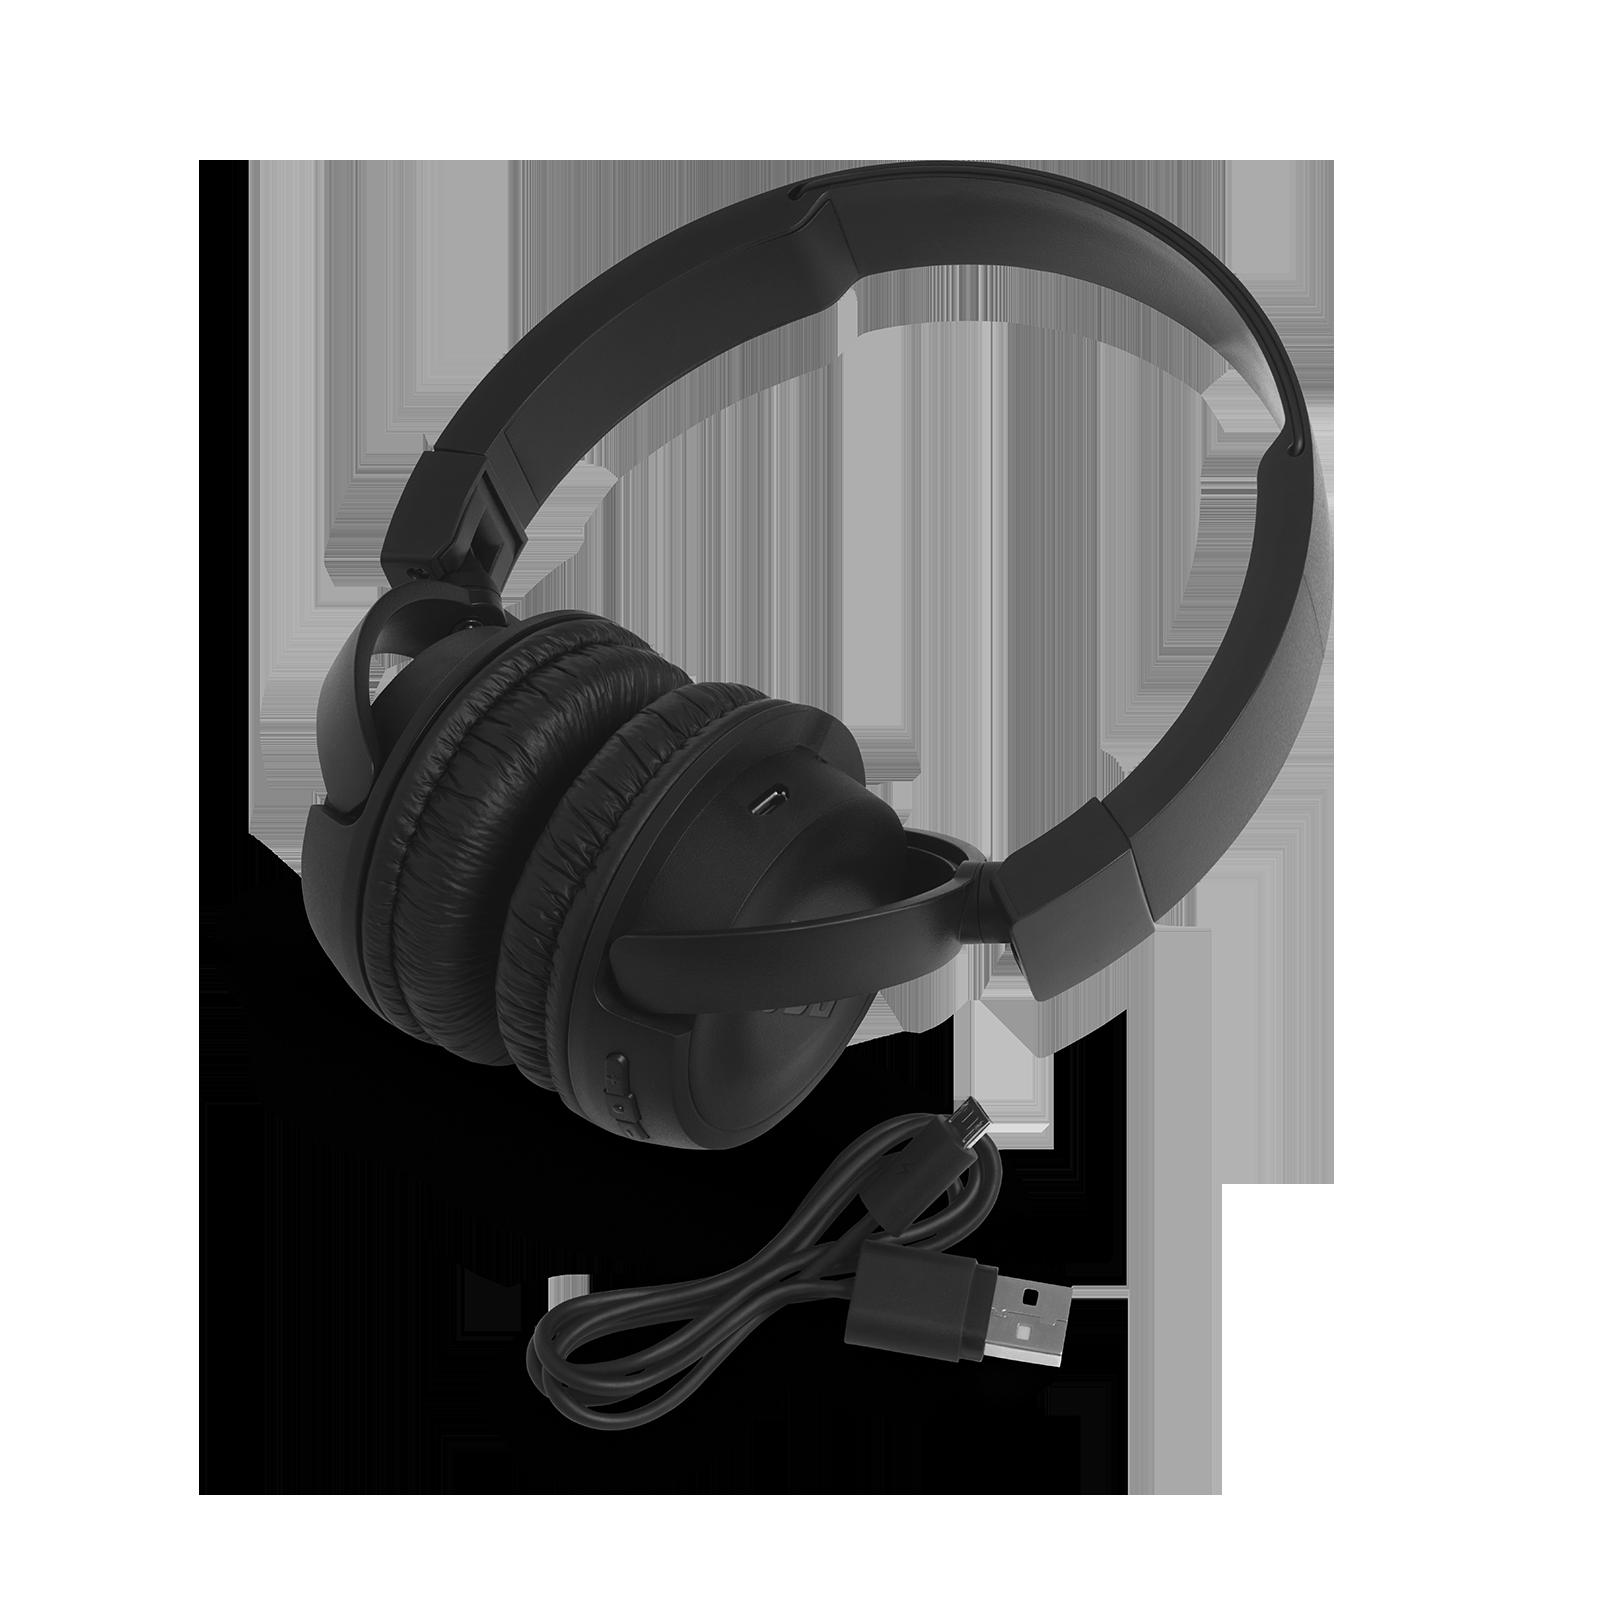 JBL T460BT - Black - Wireless on-ear headphones - Detailshot 2